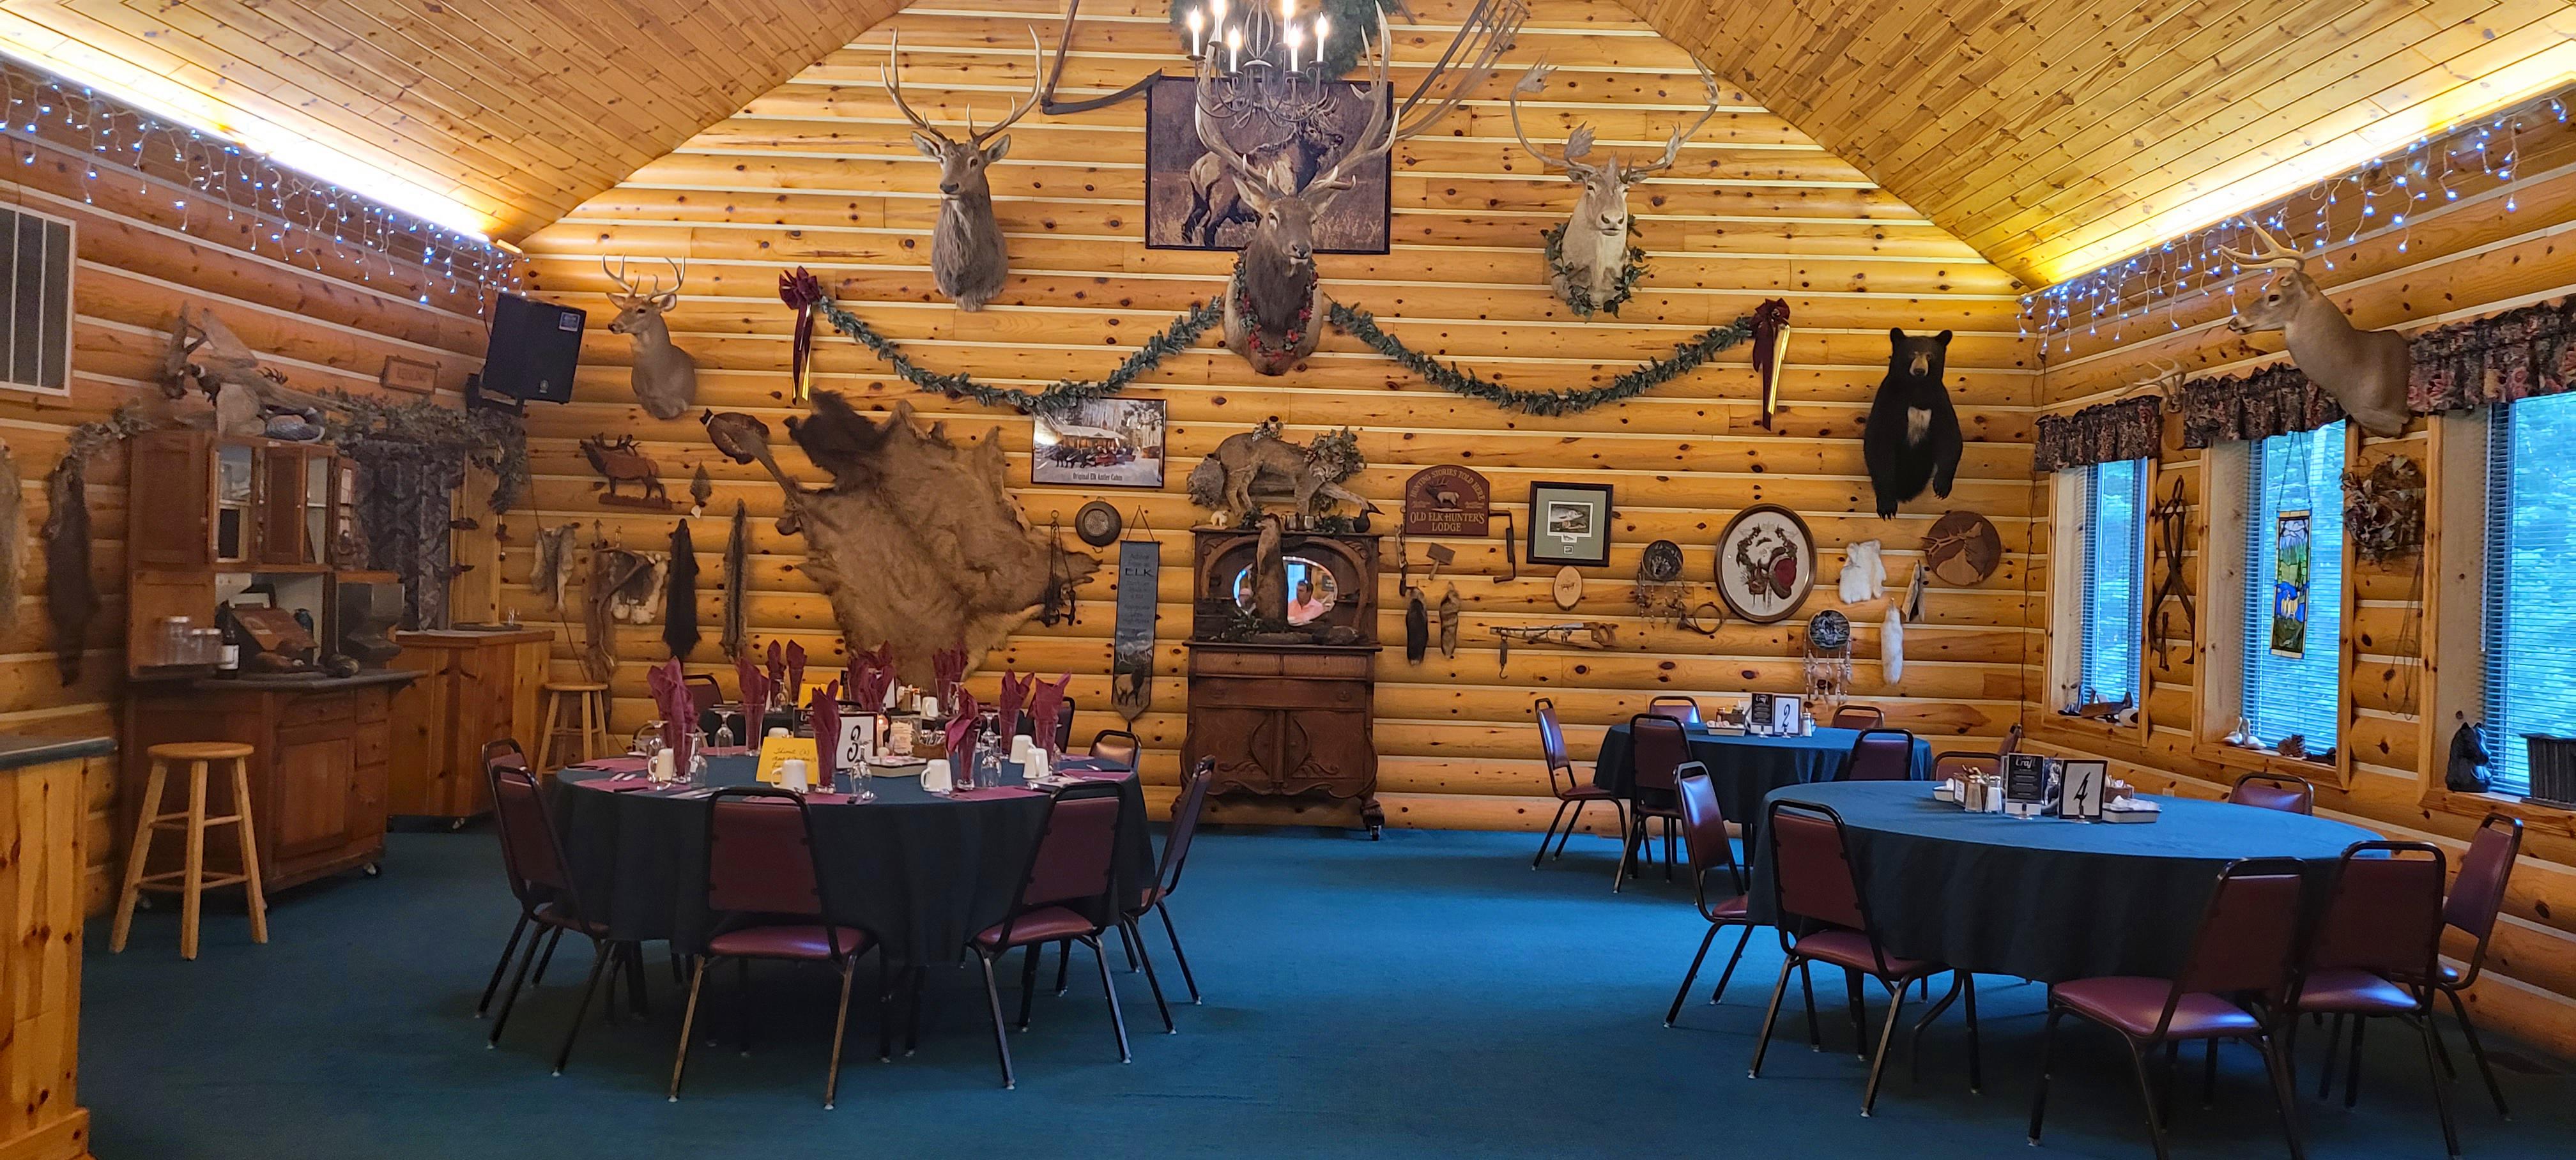 Thunder Bay Golf Resort_The Golfin Guy_Dinner Lodge_1